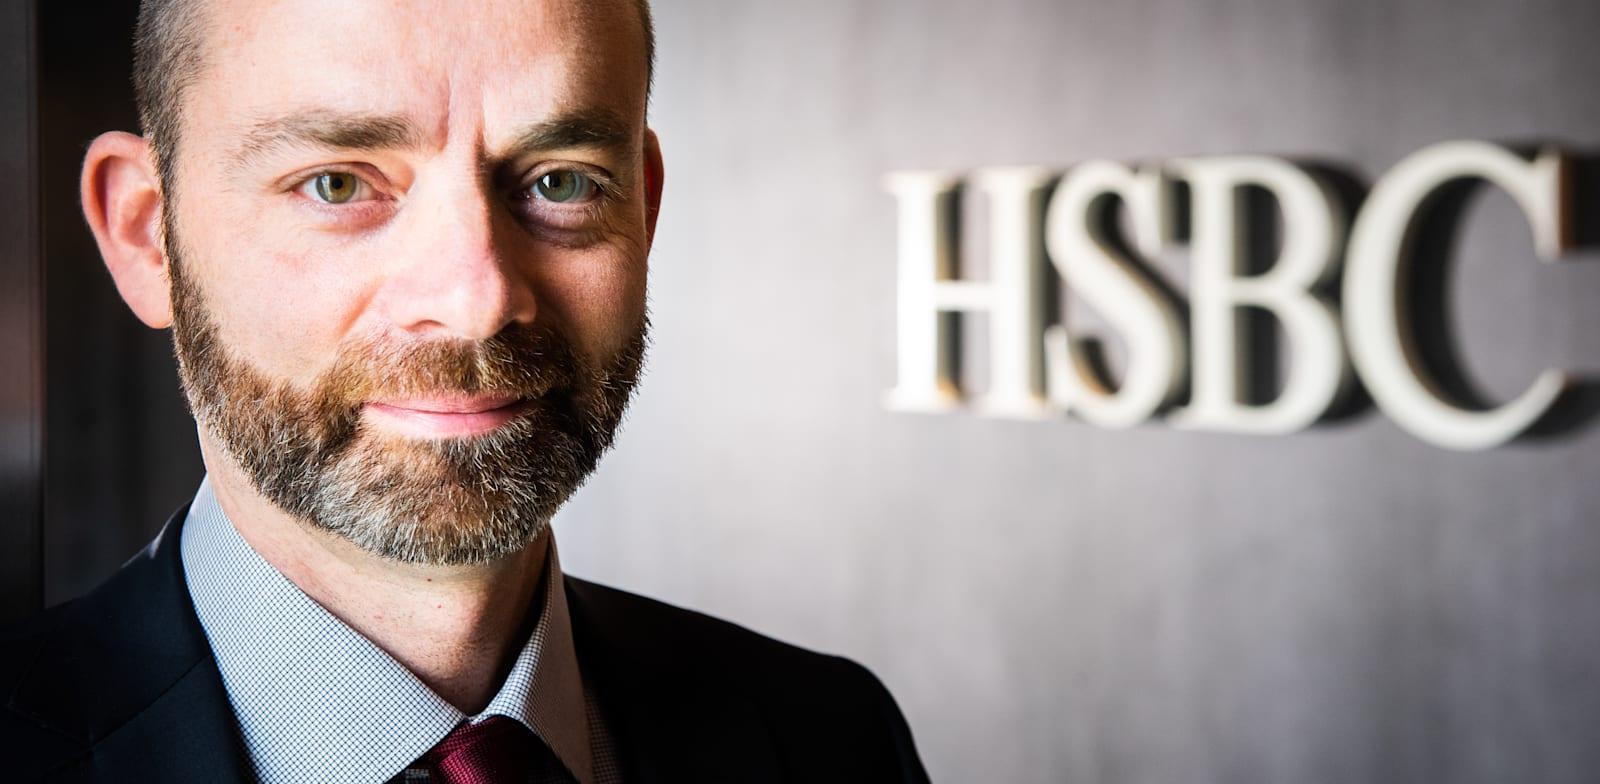 וויליאם סלס - בנק HSBC / צילום: ג'וזף